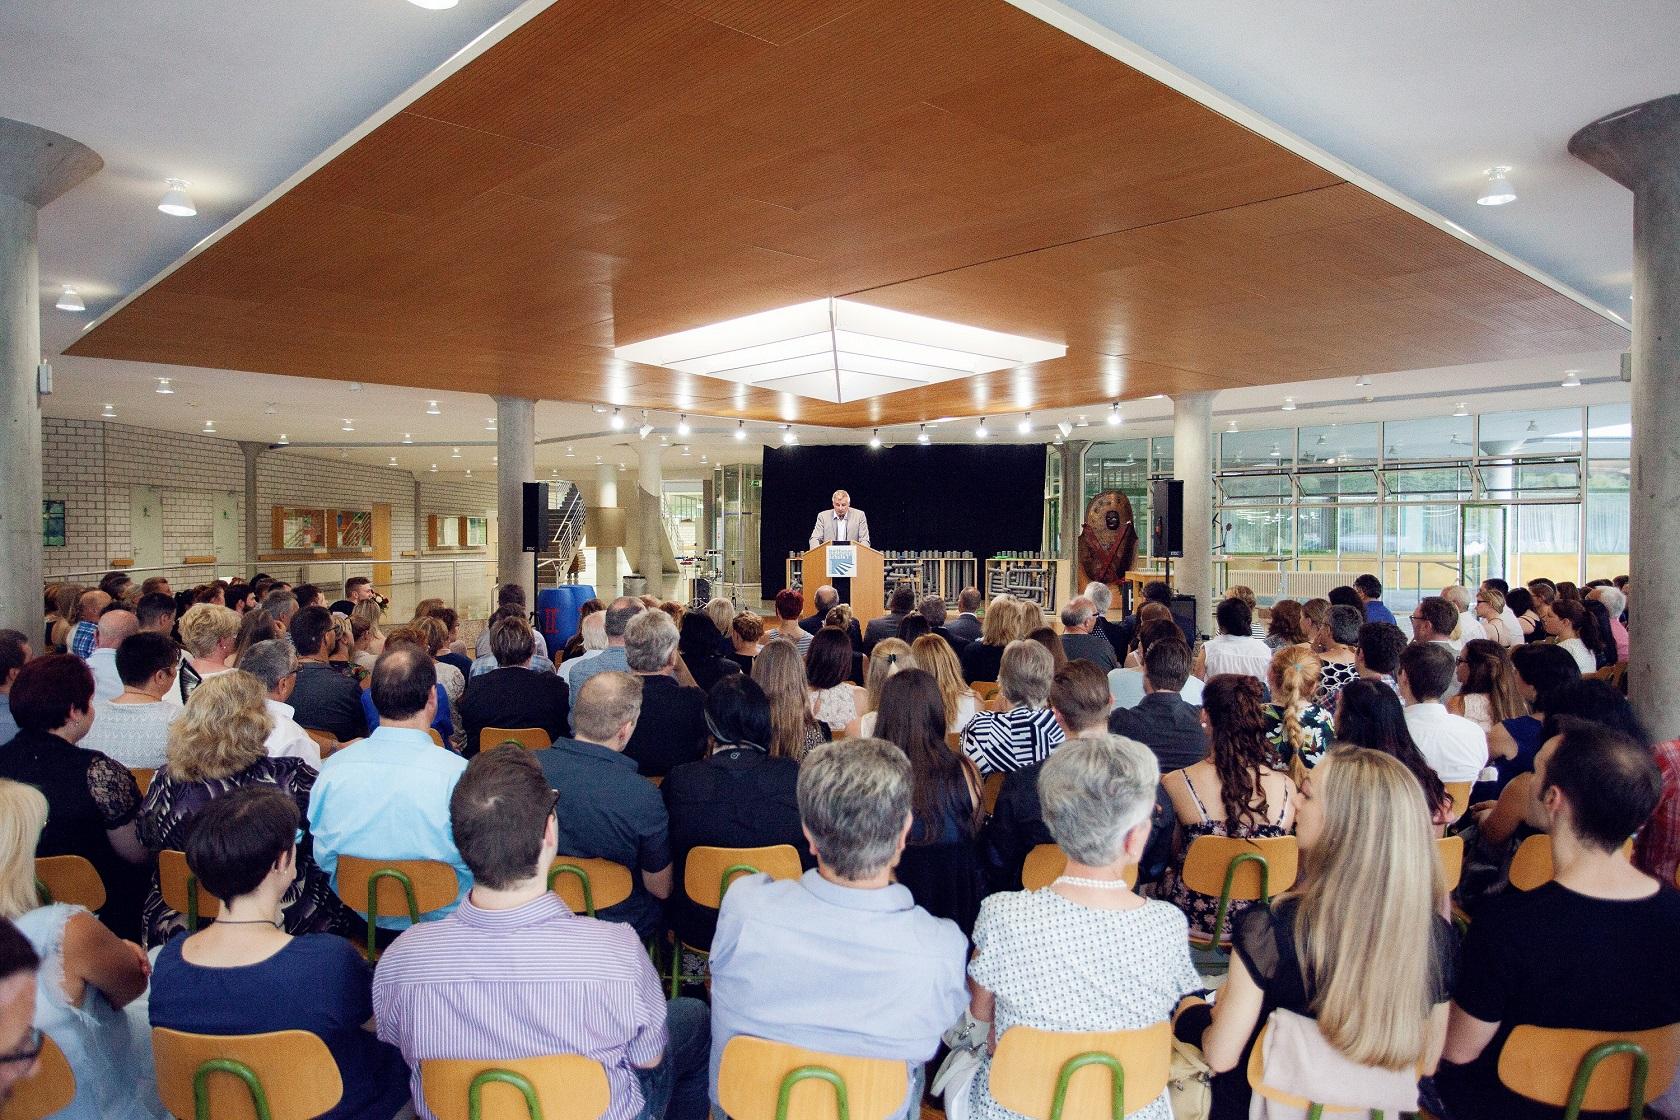 Schulabschlussfeier Bruchsal 2016 Bühne